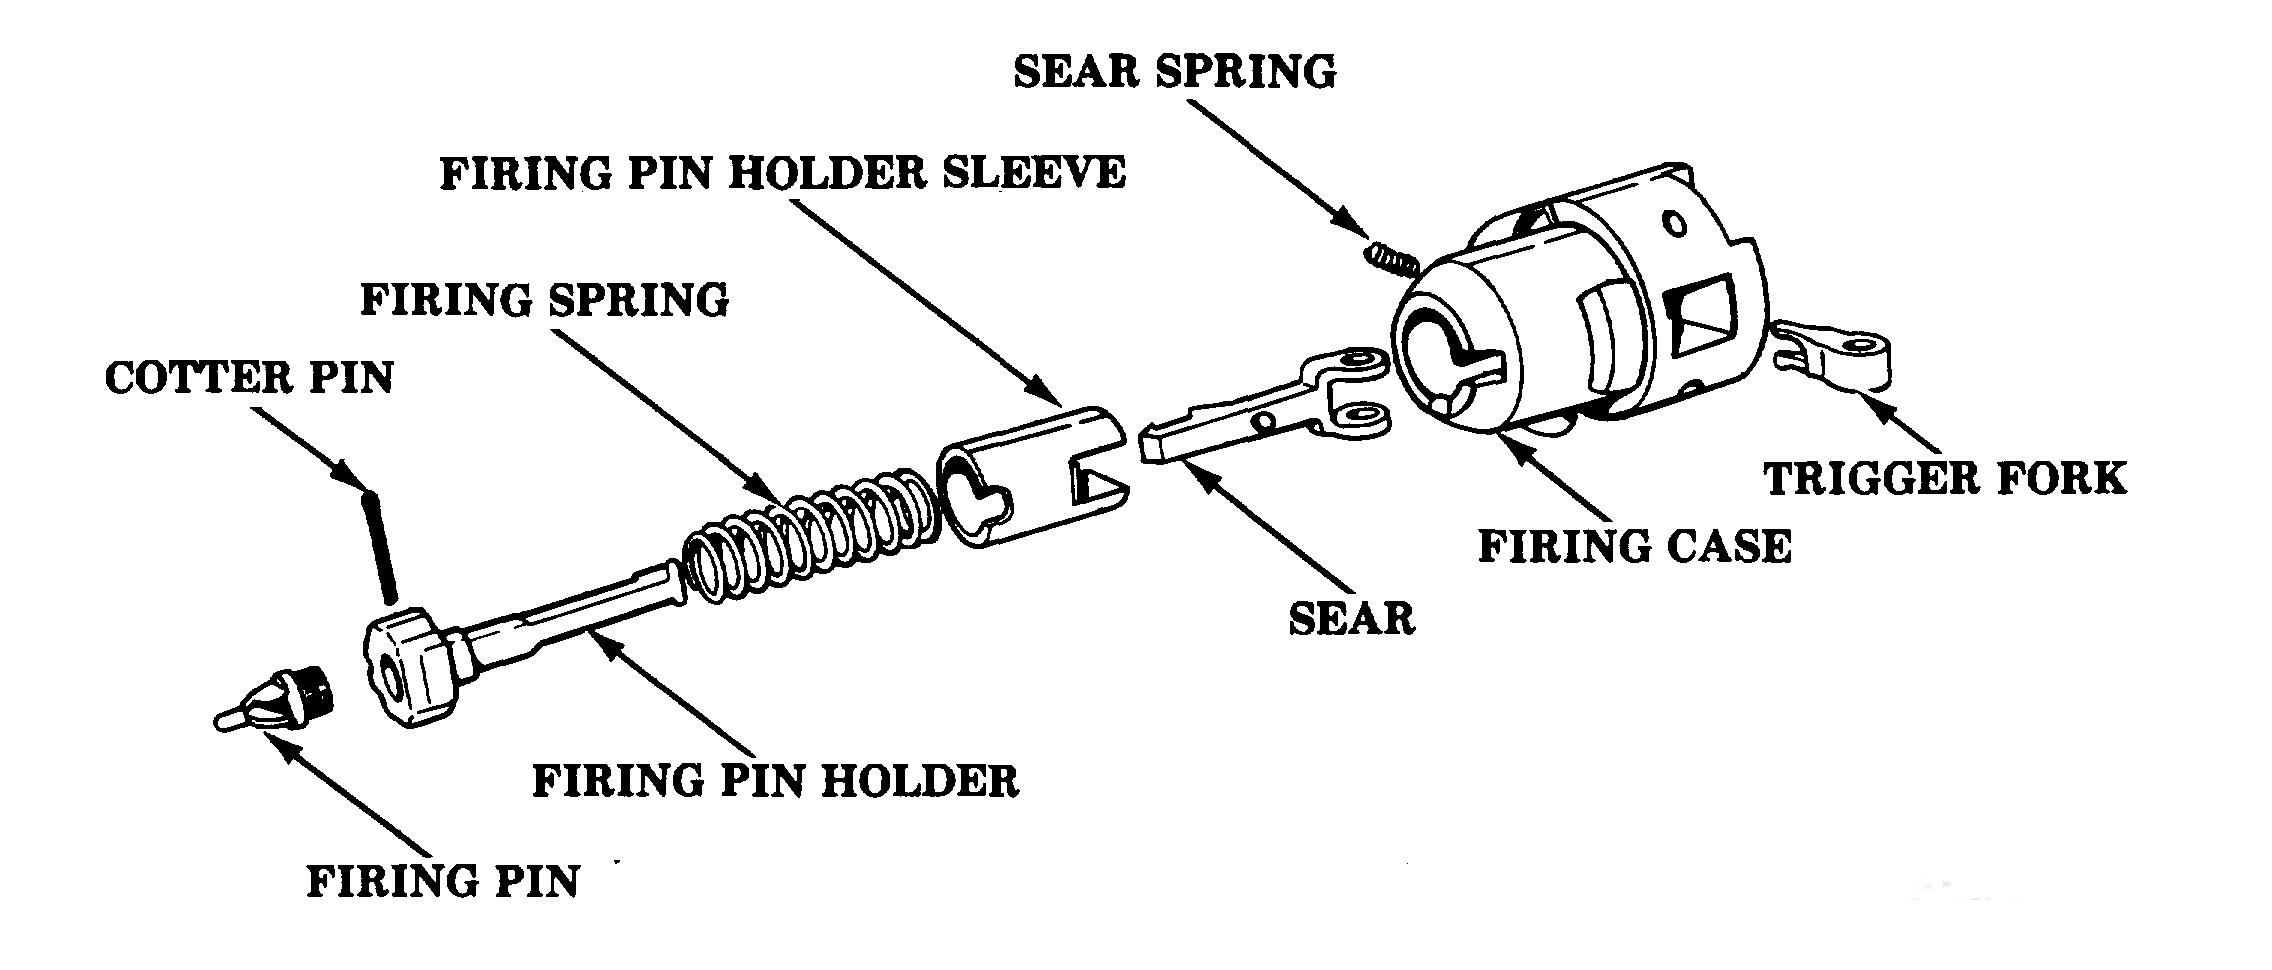 Breech Mechanism